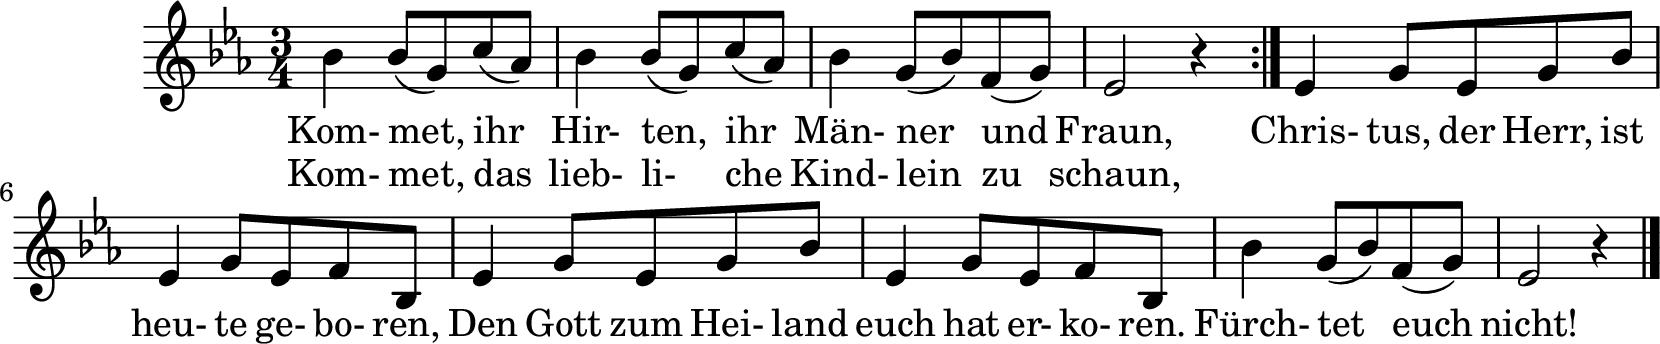 Notenblatt Music Sheet Kommet ihr Hirten